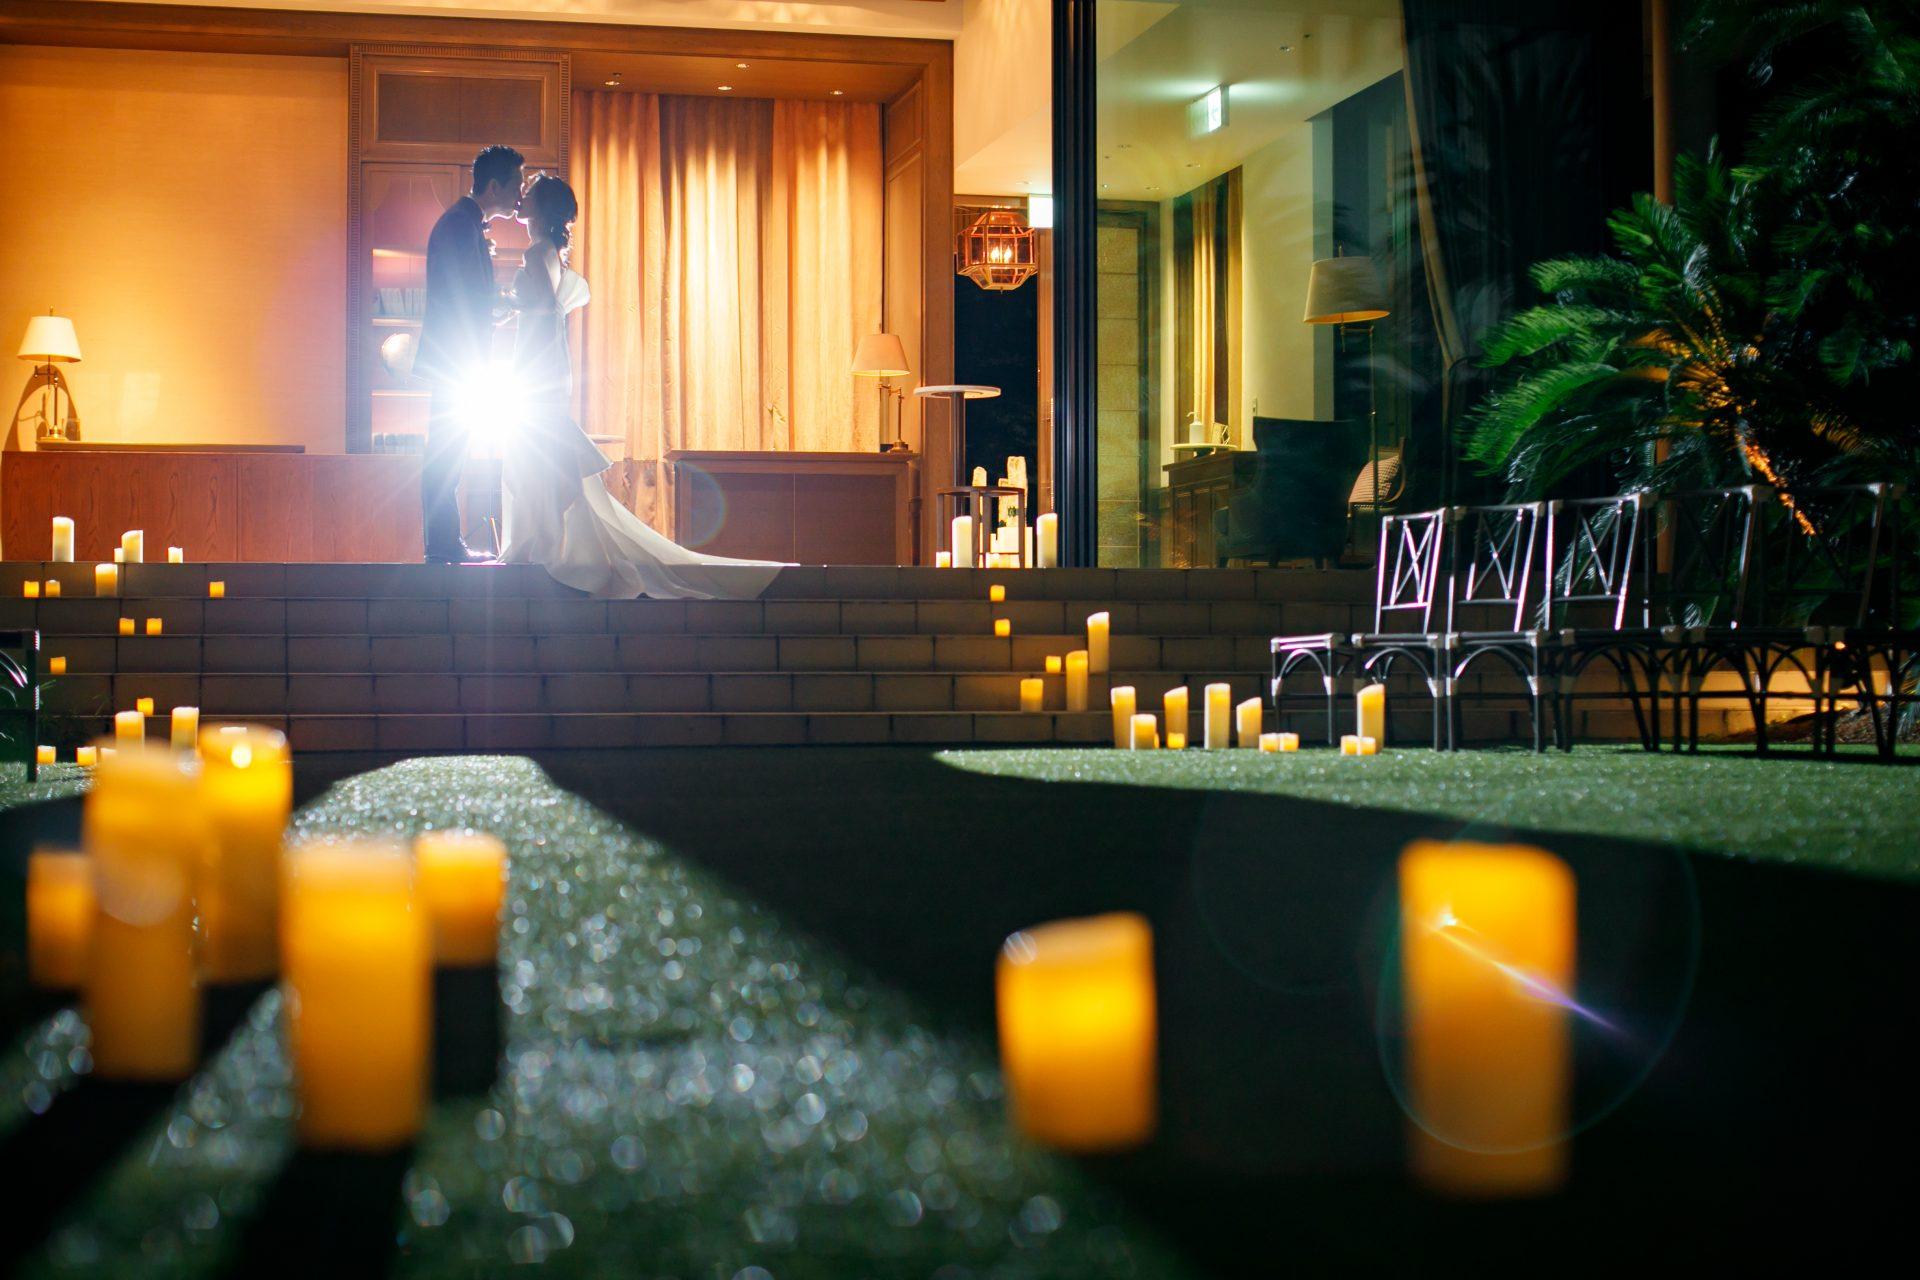 キャンドルをたくさん並べた夜のガーデンウェディングでのお写真撮影は、昼間の結婚式場の光景とは全く違う大人っぽい幻想的な雰囲気となり、思い出に深く残る大切な時間になります